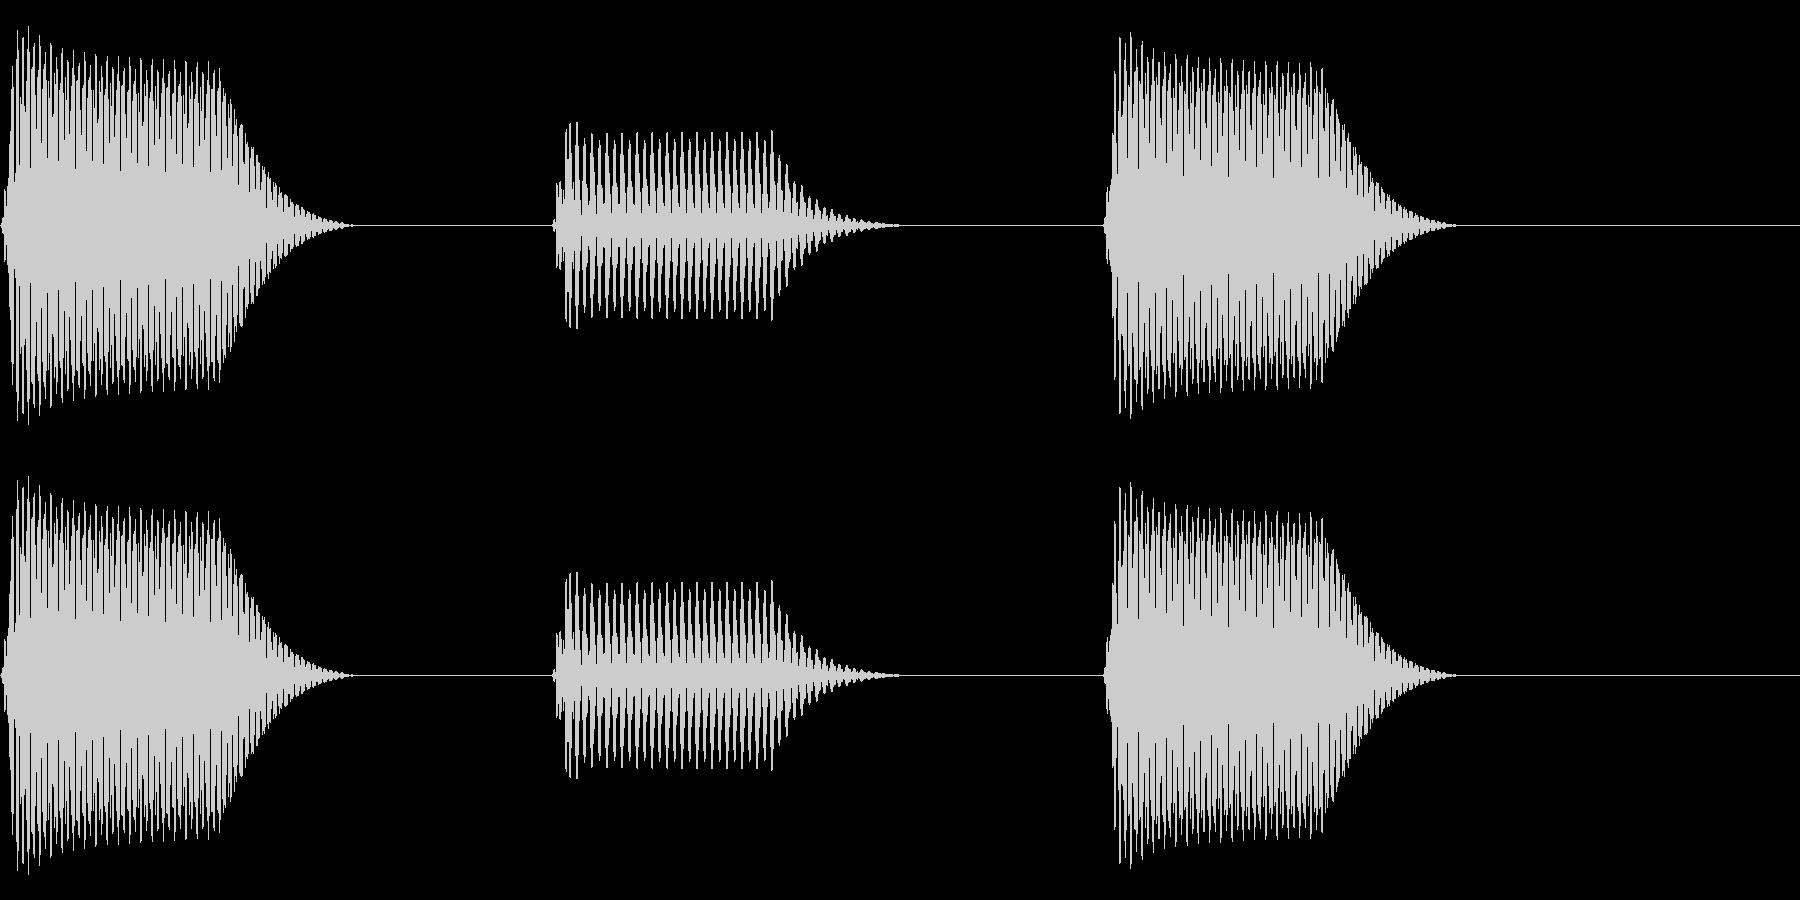 往年のRPG風 コマンド音 シリーズ13の未再生の波形